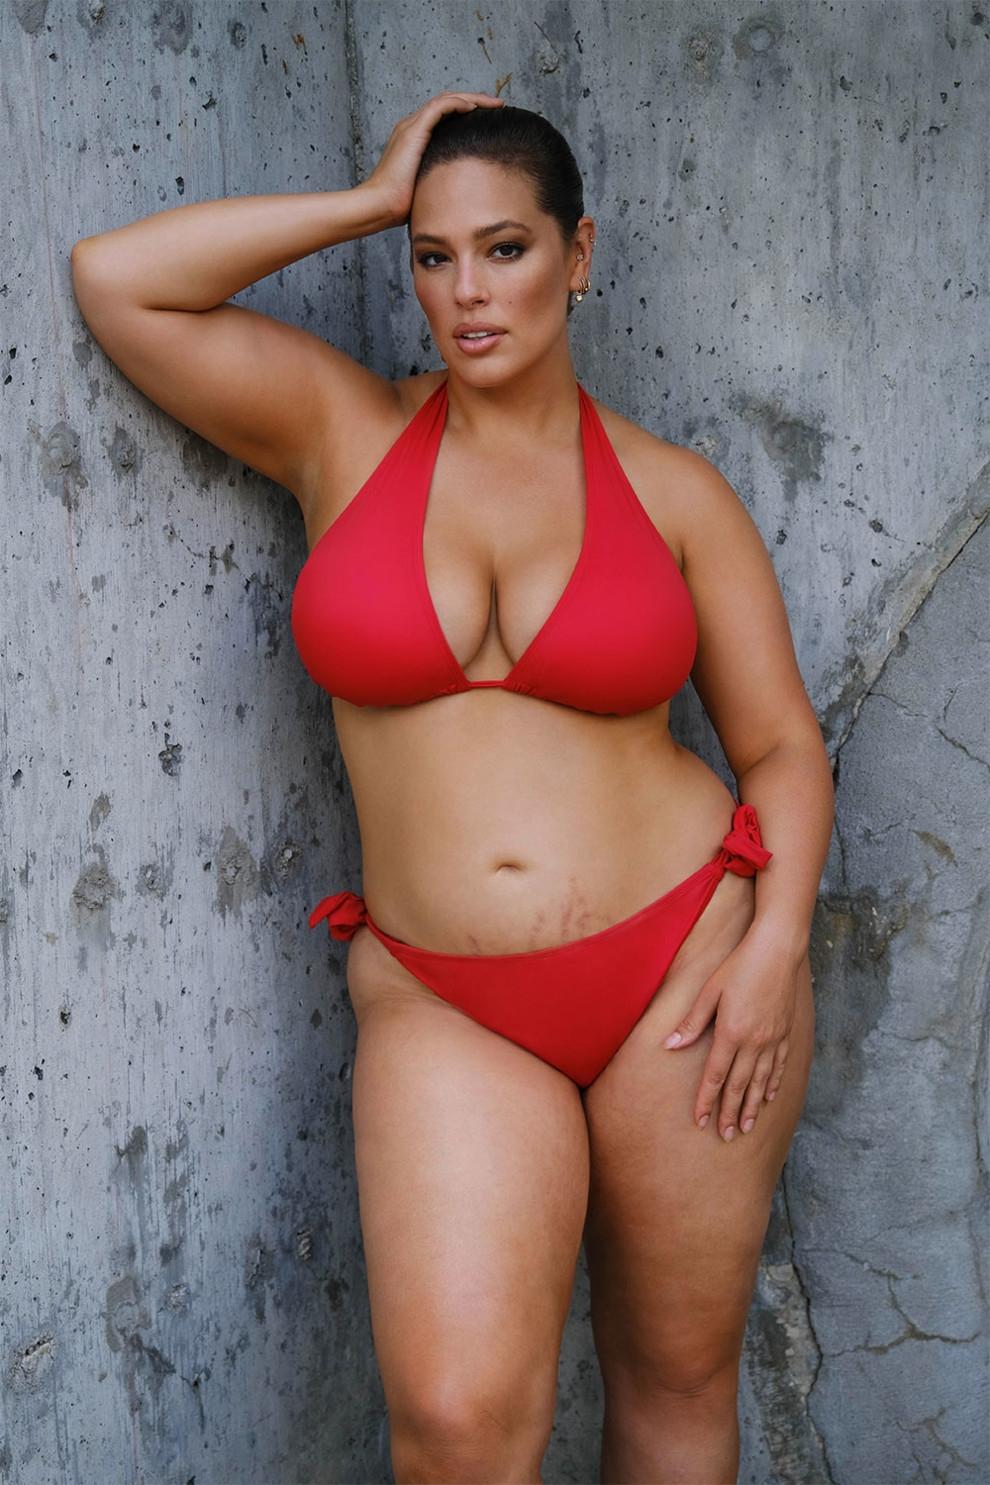 Натуральная красота: Эшли Грэм снялась в рекламе купальников, показав фигуру после родов (ФОТО) - фото №4